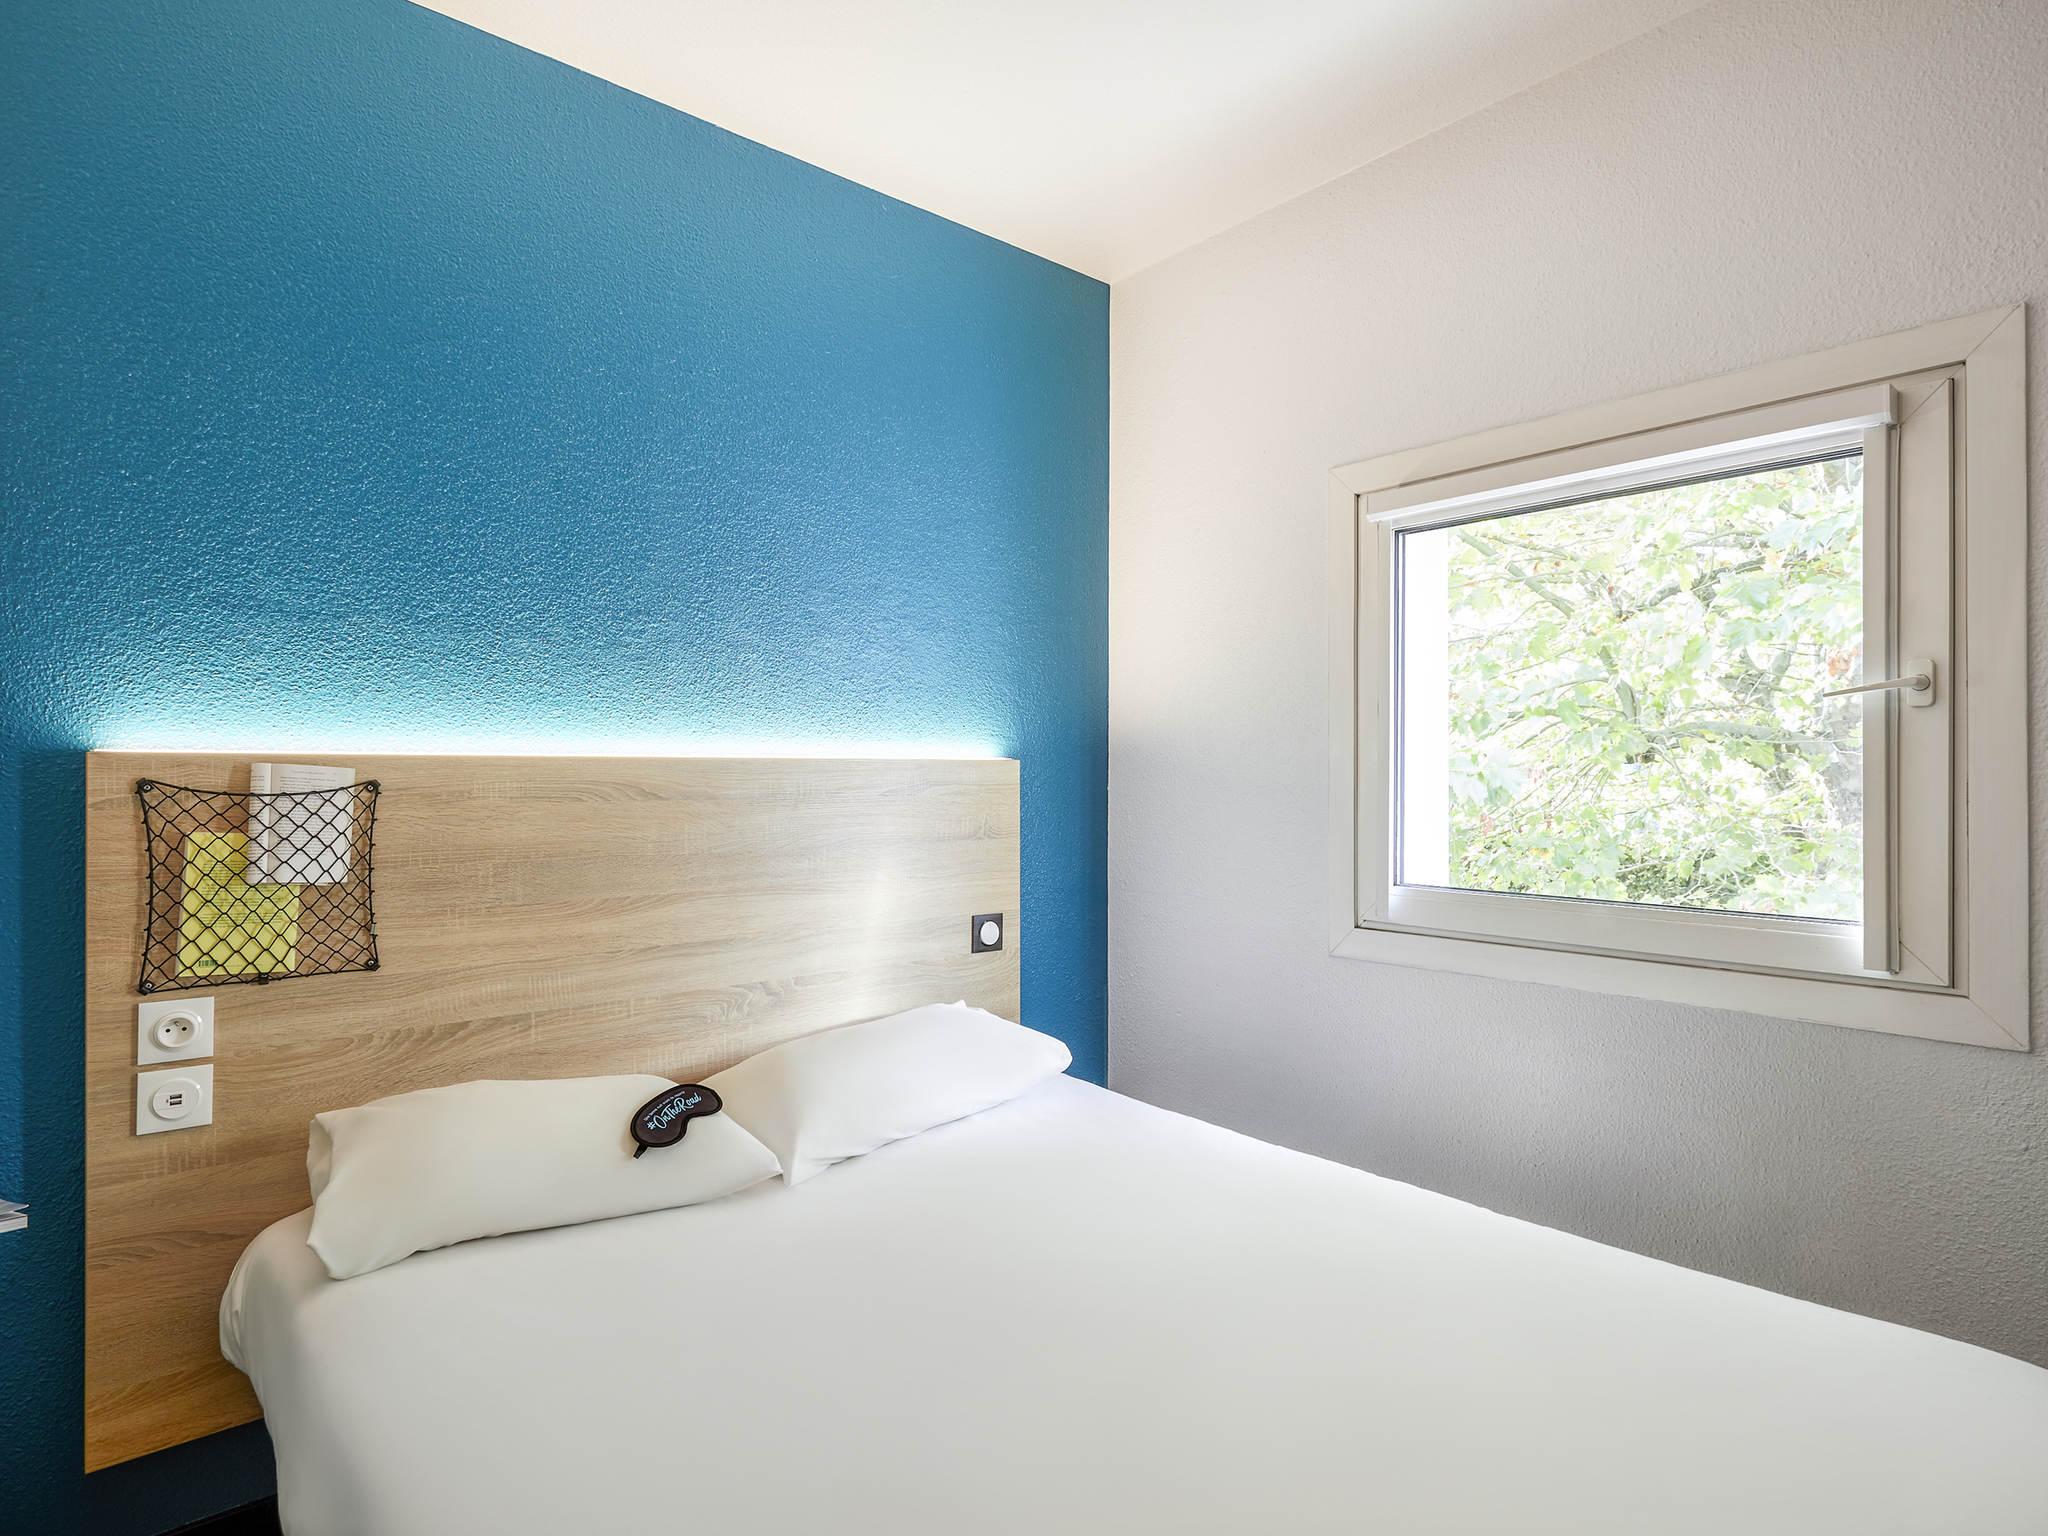 ホテル – hotelF1 Lyon Saint-Priest (rénové)